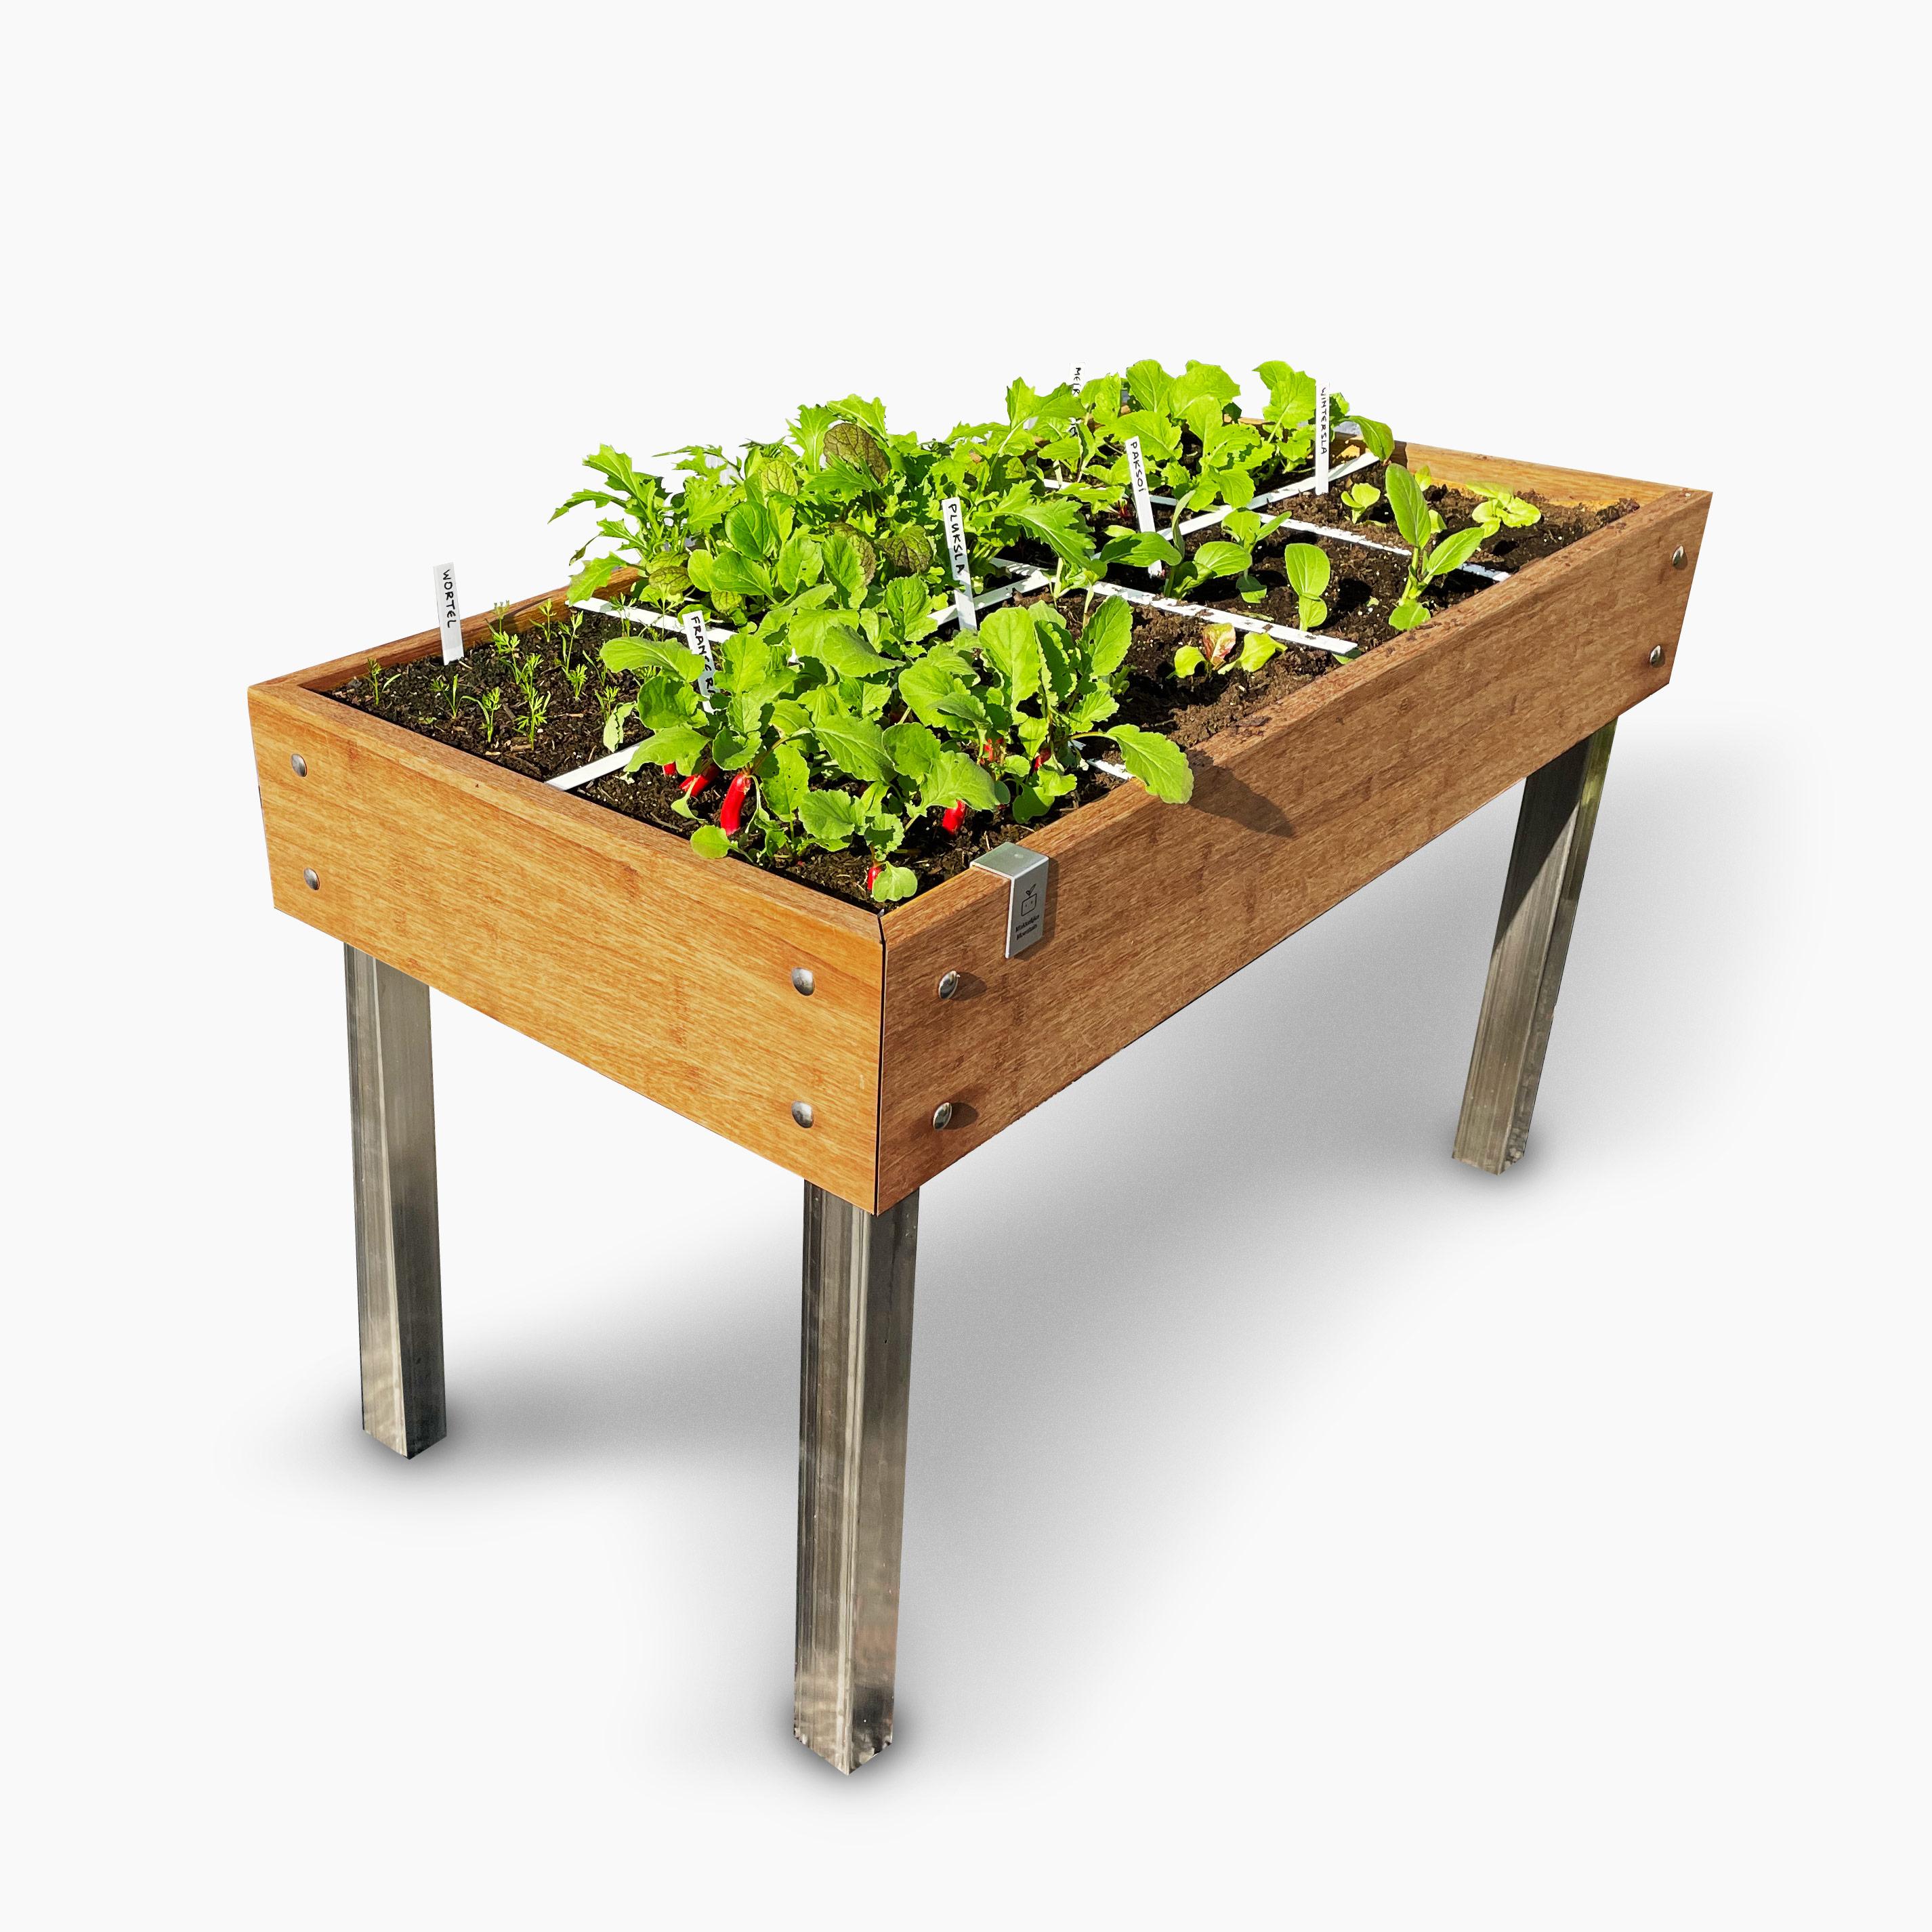 Medium-starter-kit-bamboo-garden-table-60x120_00004.jpg